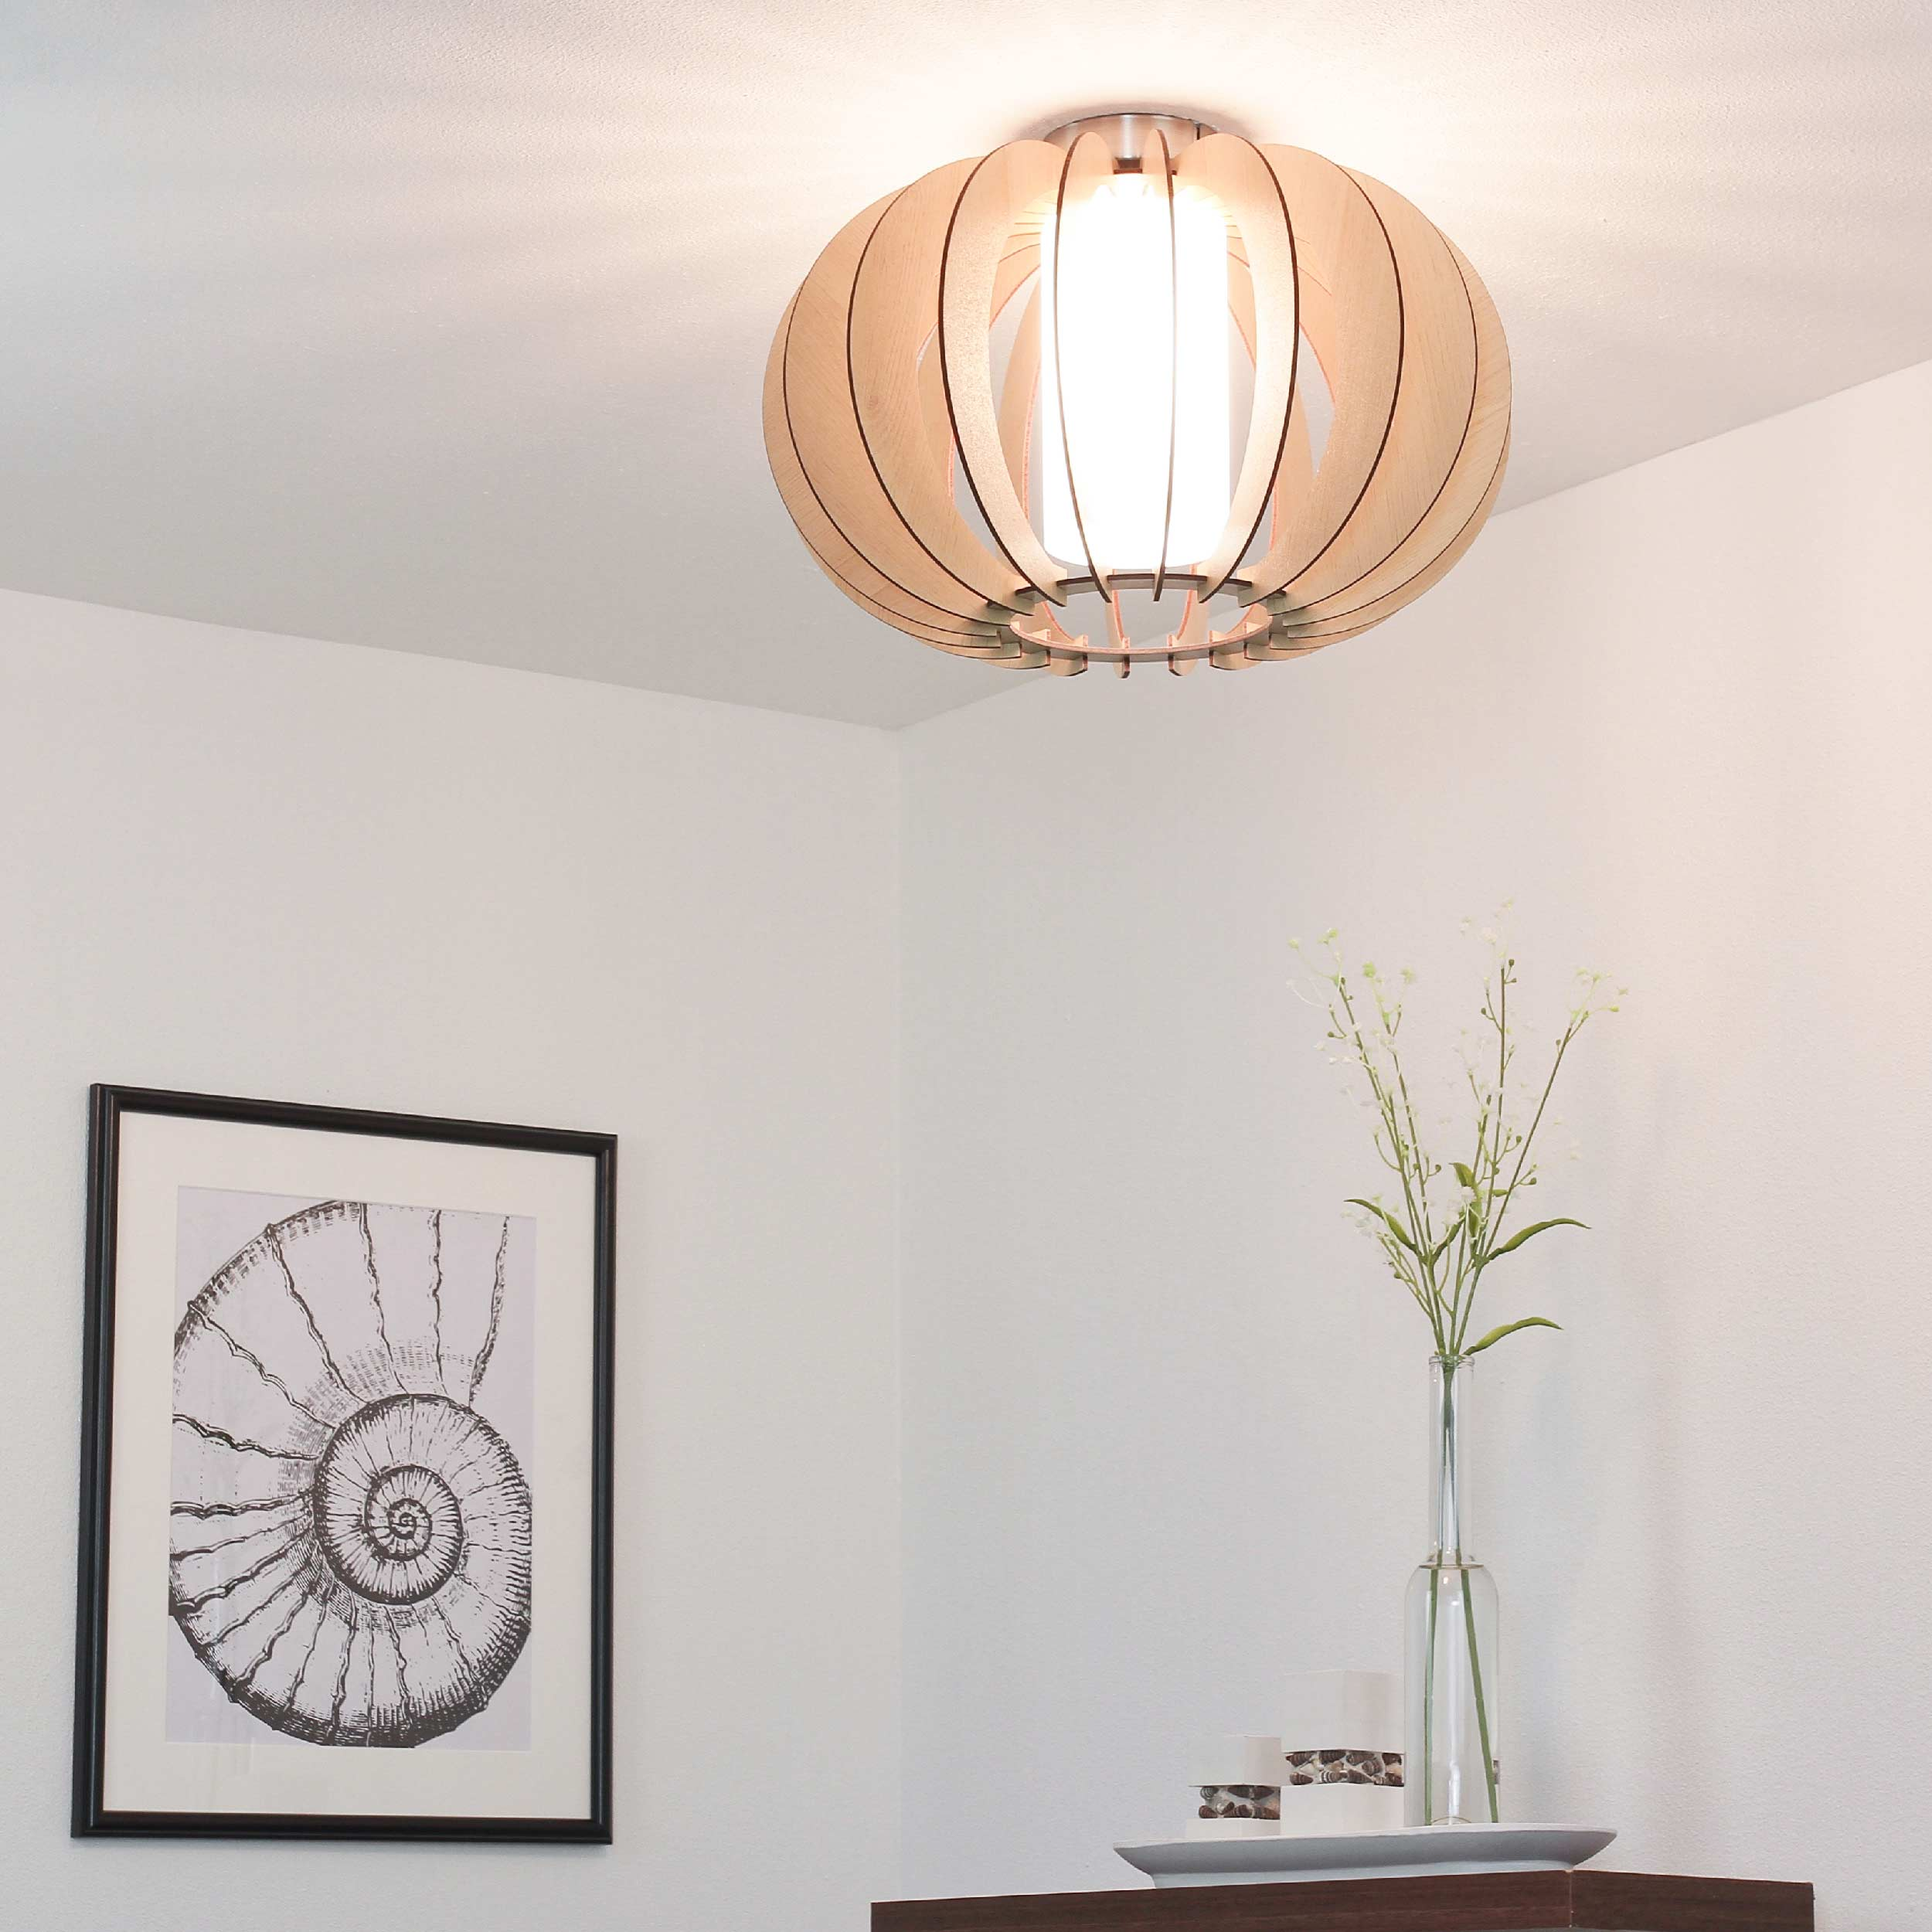 Holz Deckenlampe Ahorn Ø40cm Innenschirm aus Glas